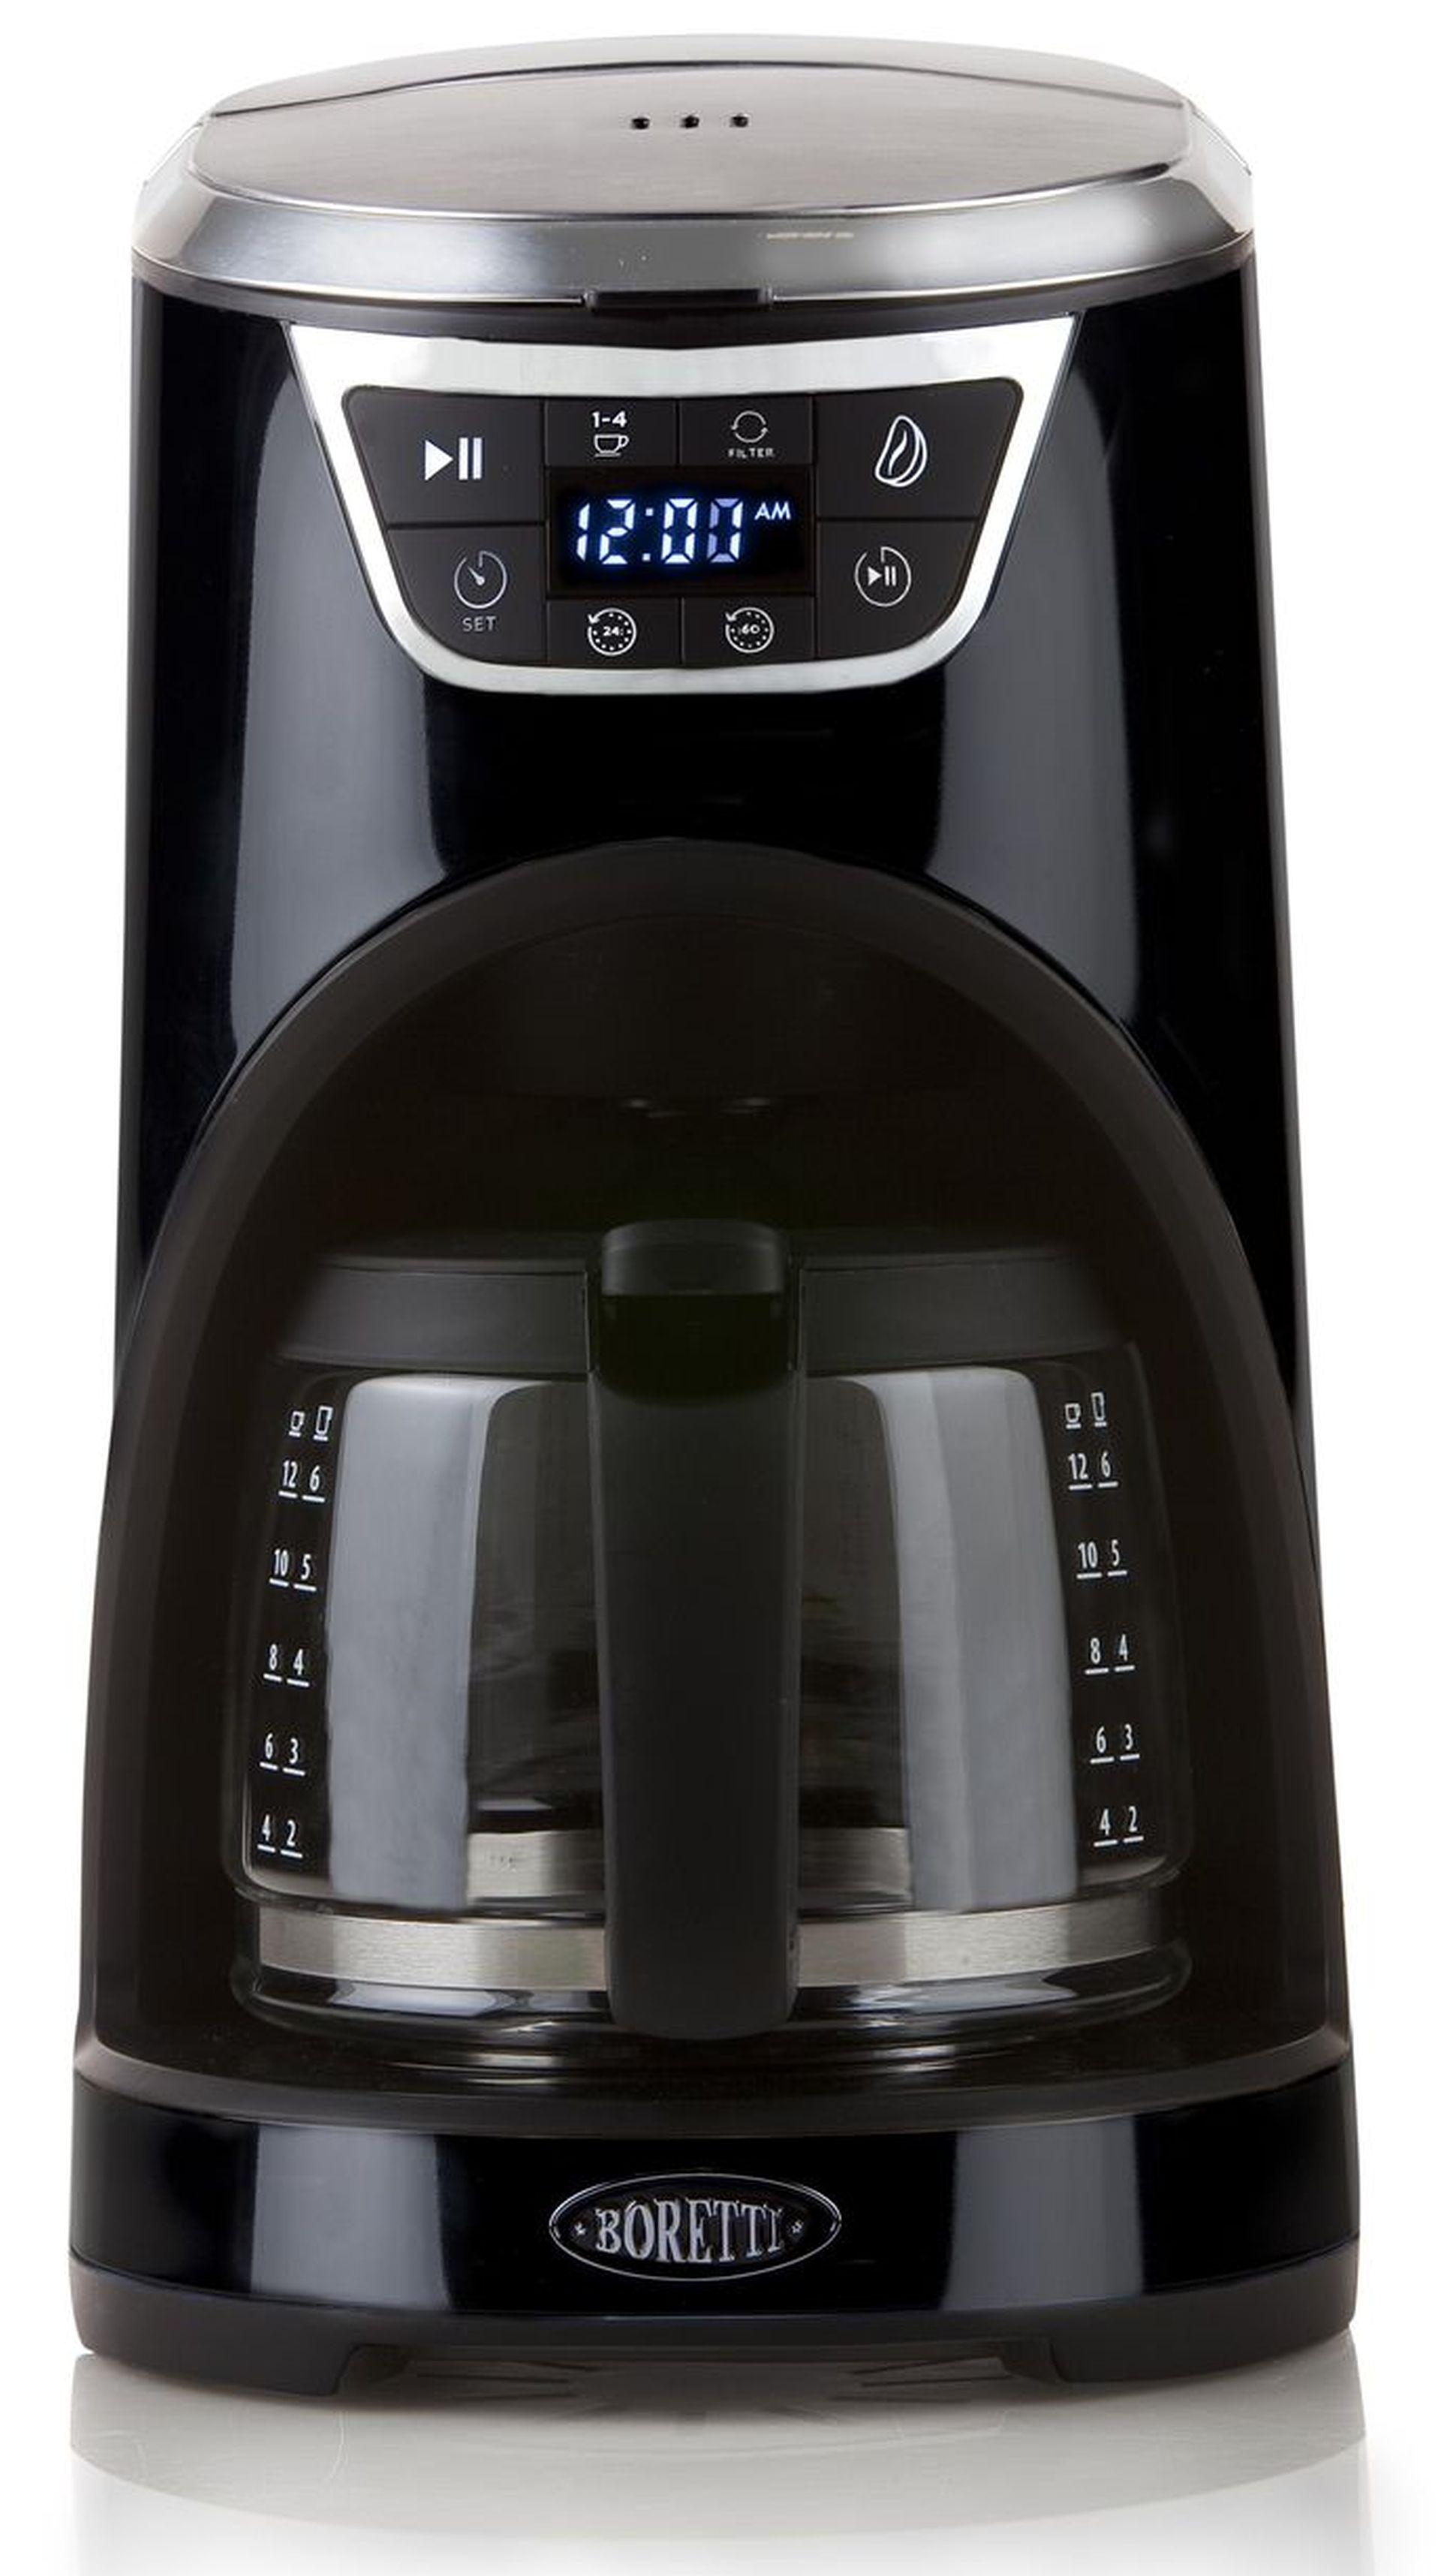 Boretti Kávovar s časovačem 1000 W, černý B410